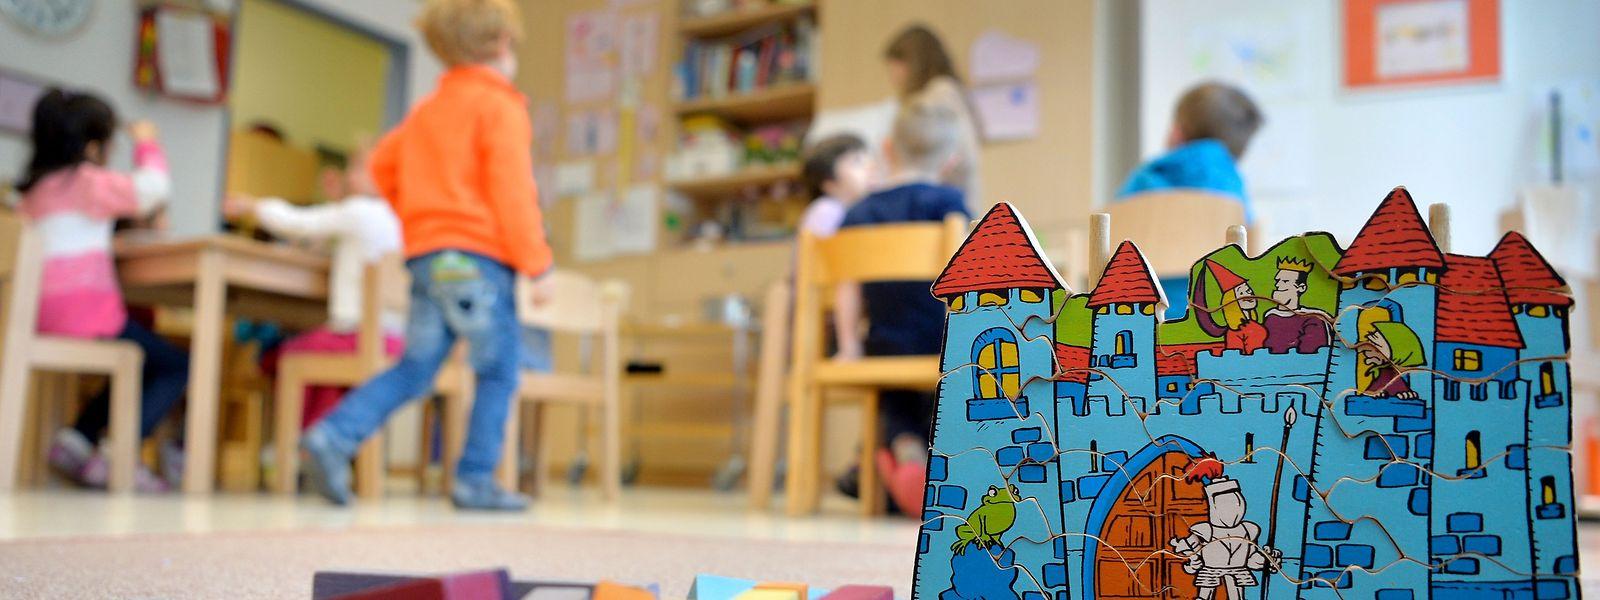 Die kommerziellen Betreuungsstrukturen haben große Probleme, luxemburgischsprachiges Personal für das Sprachförderprogramm zu finden.